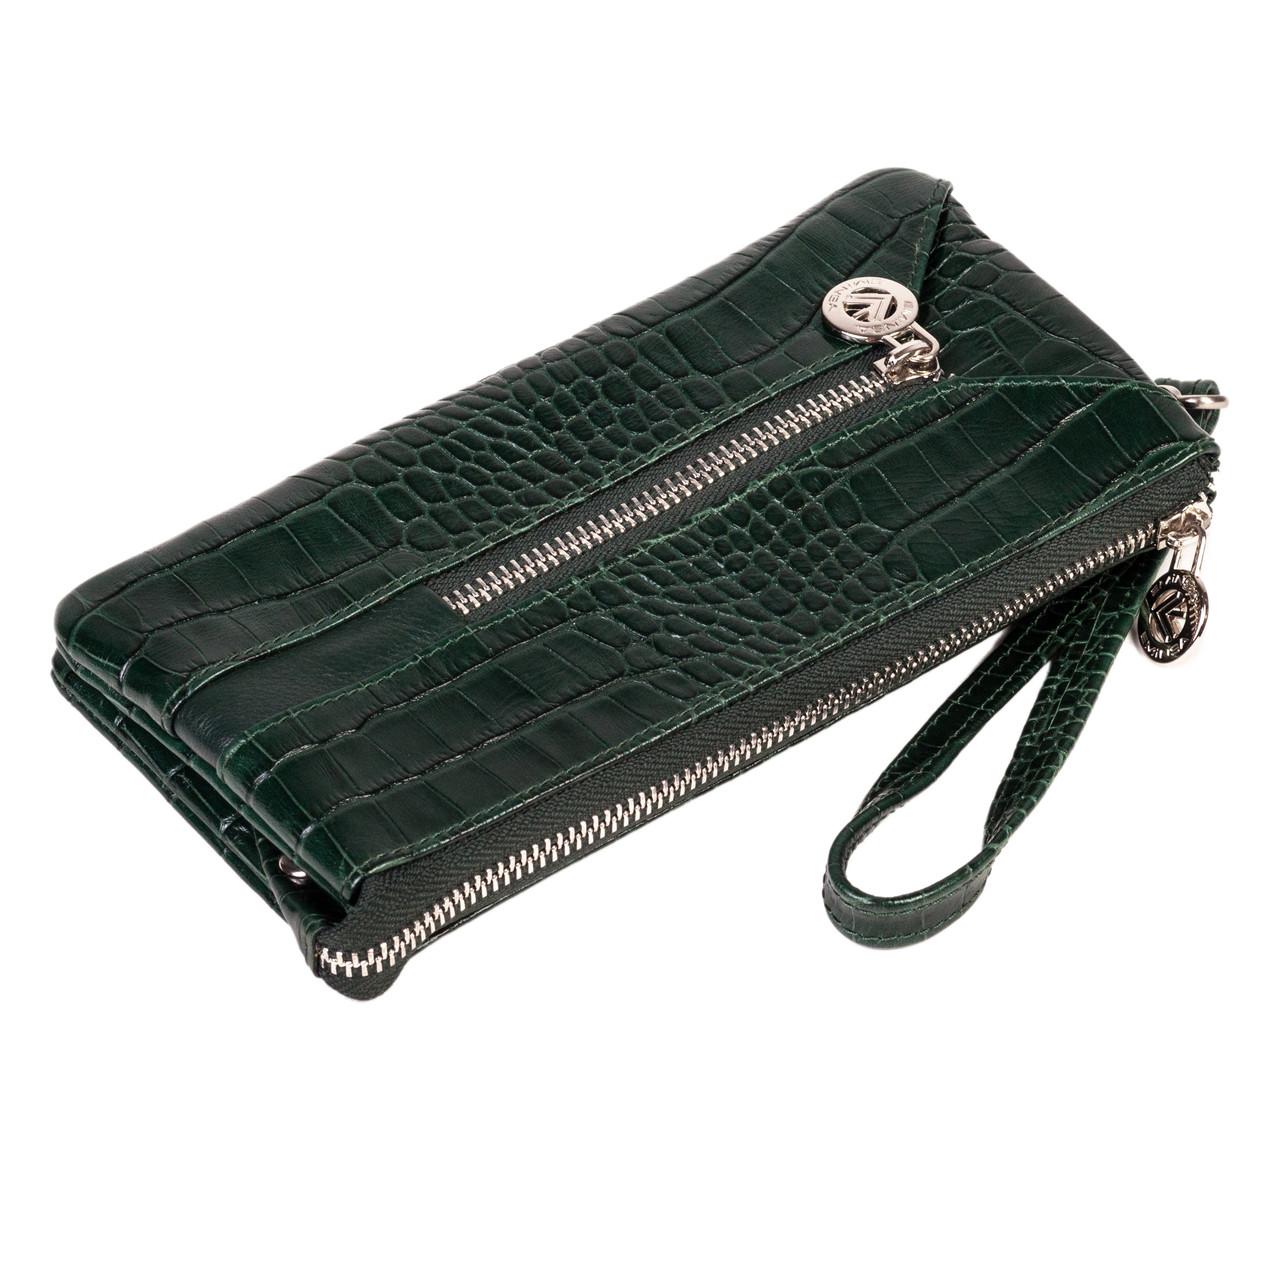 Мужской кошелек клатч Eminsa 2123-4-16 с отделением для ключей зеленый